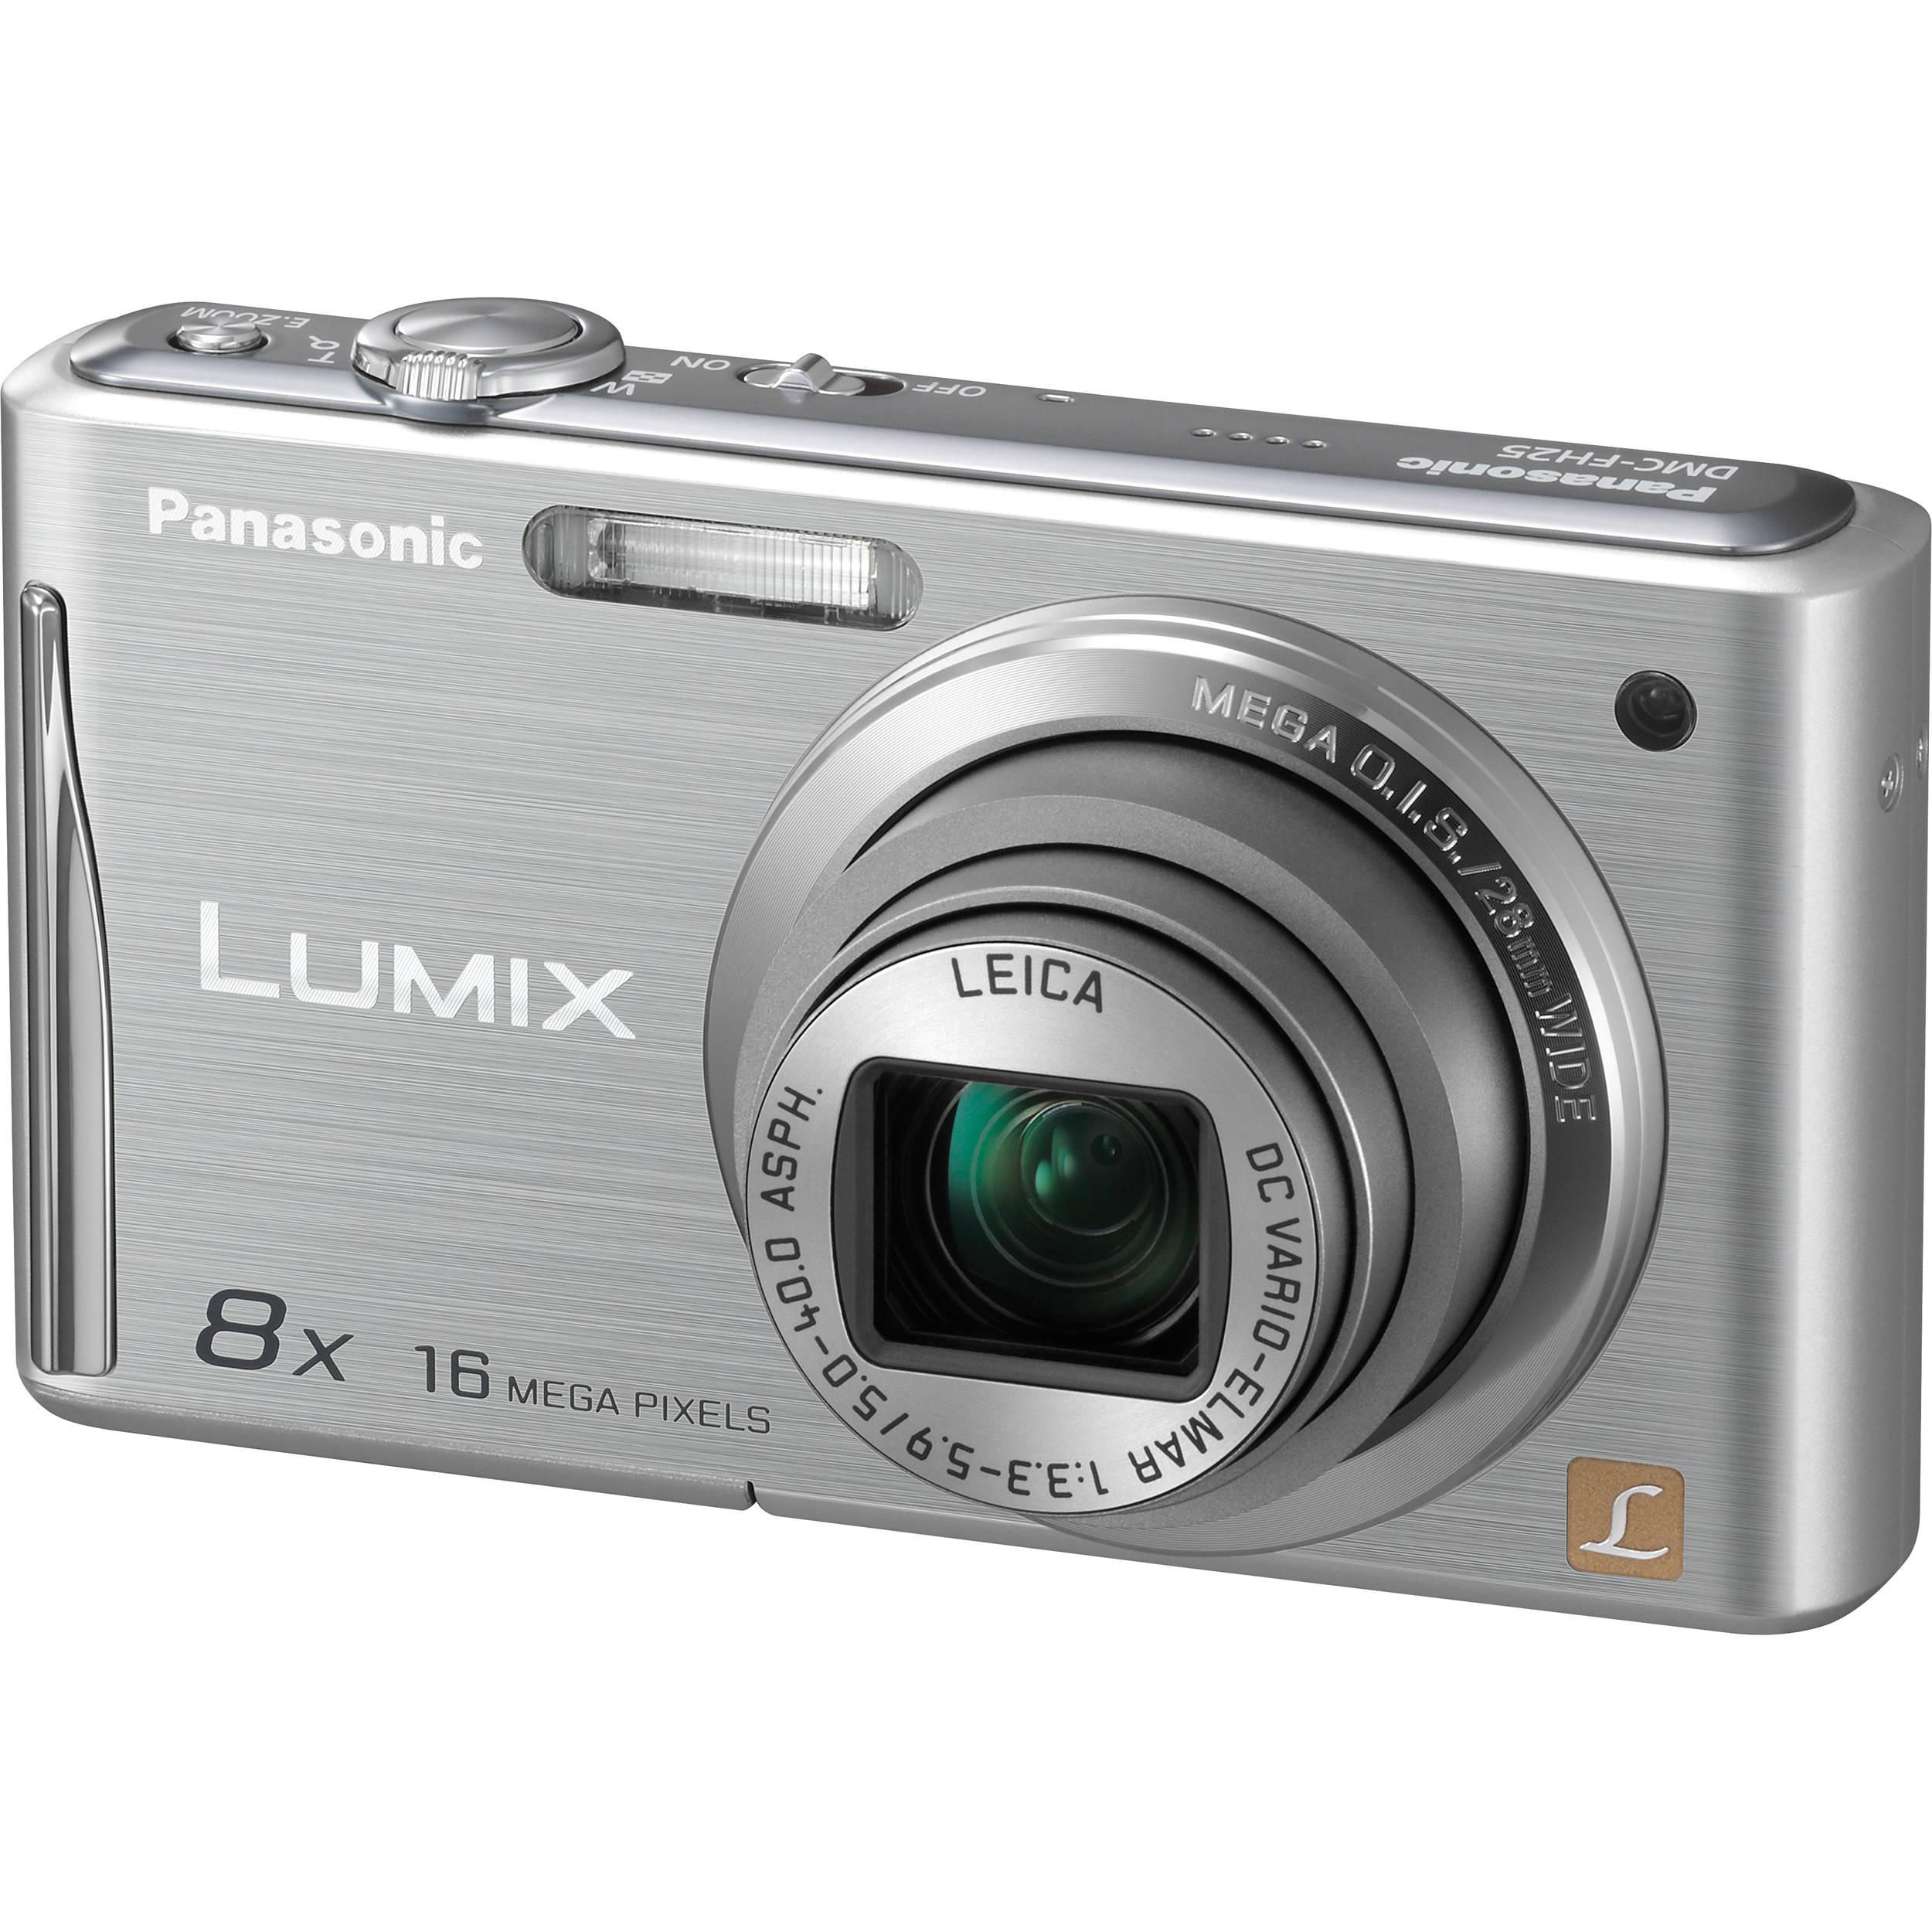 dmc fh25 manual various owner manual guide u2022 rh justk co Panasonic Lumix GH3 Panasonic Lumix DMC GX7